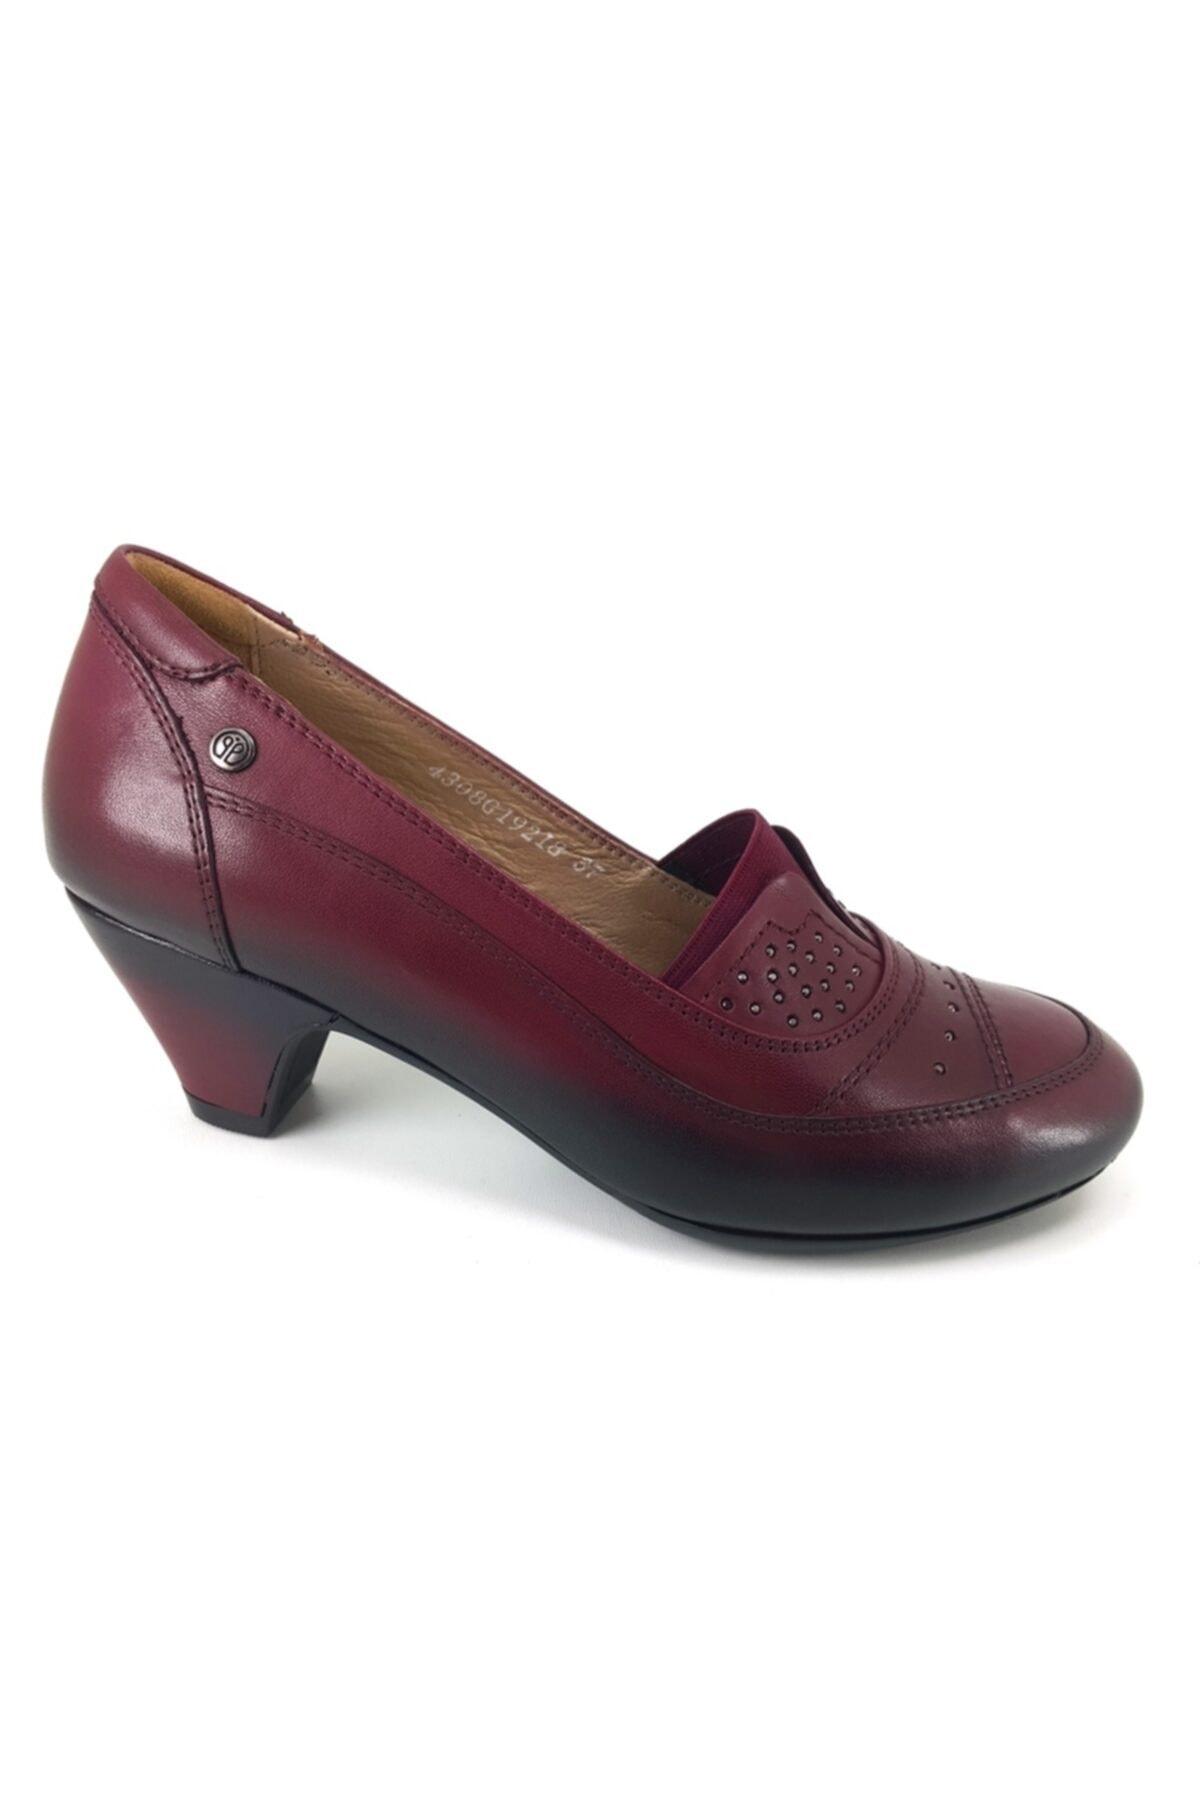 Forelli 19218 Ortopedik Günlük Bayan Ayakkabı 2